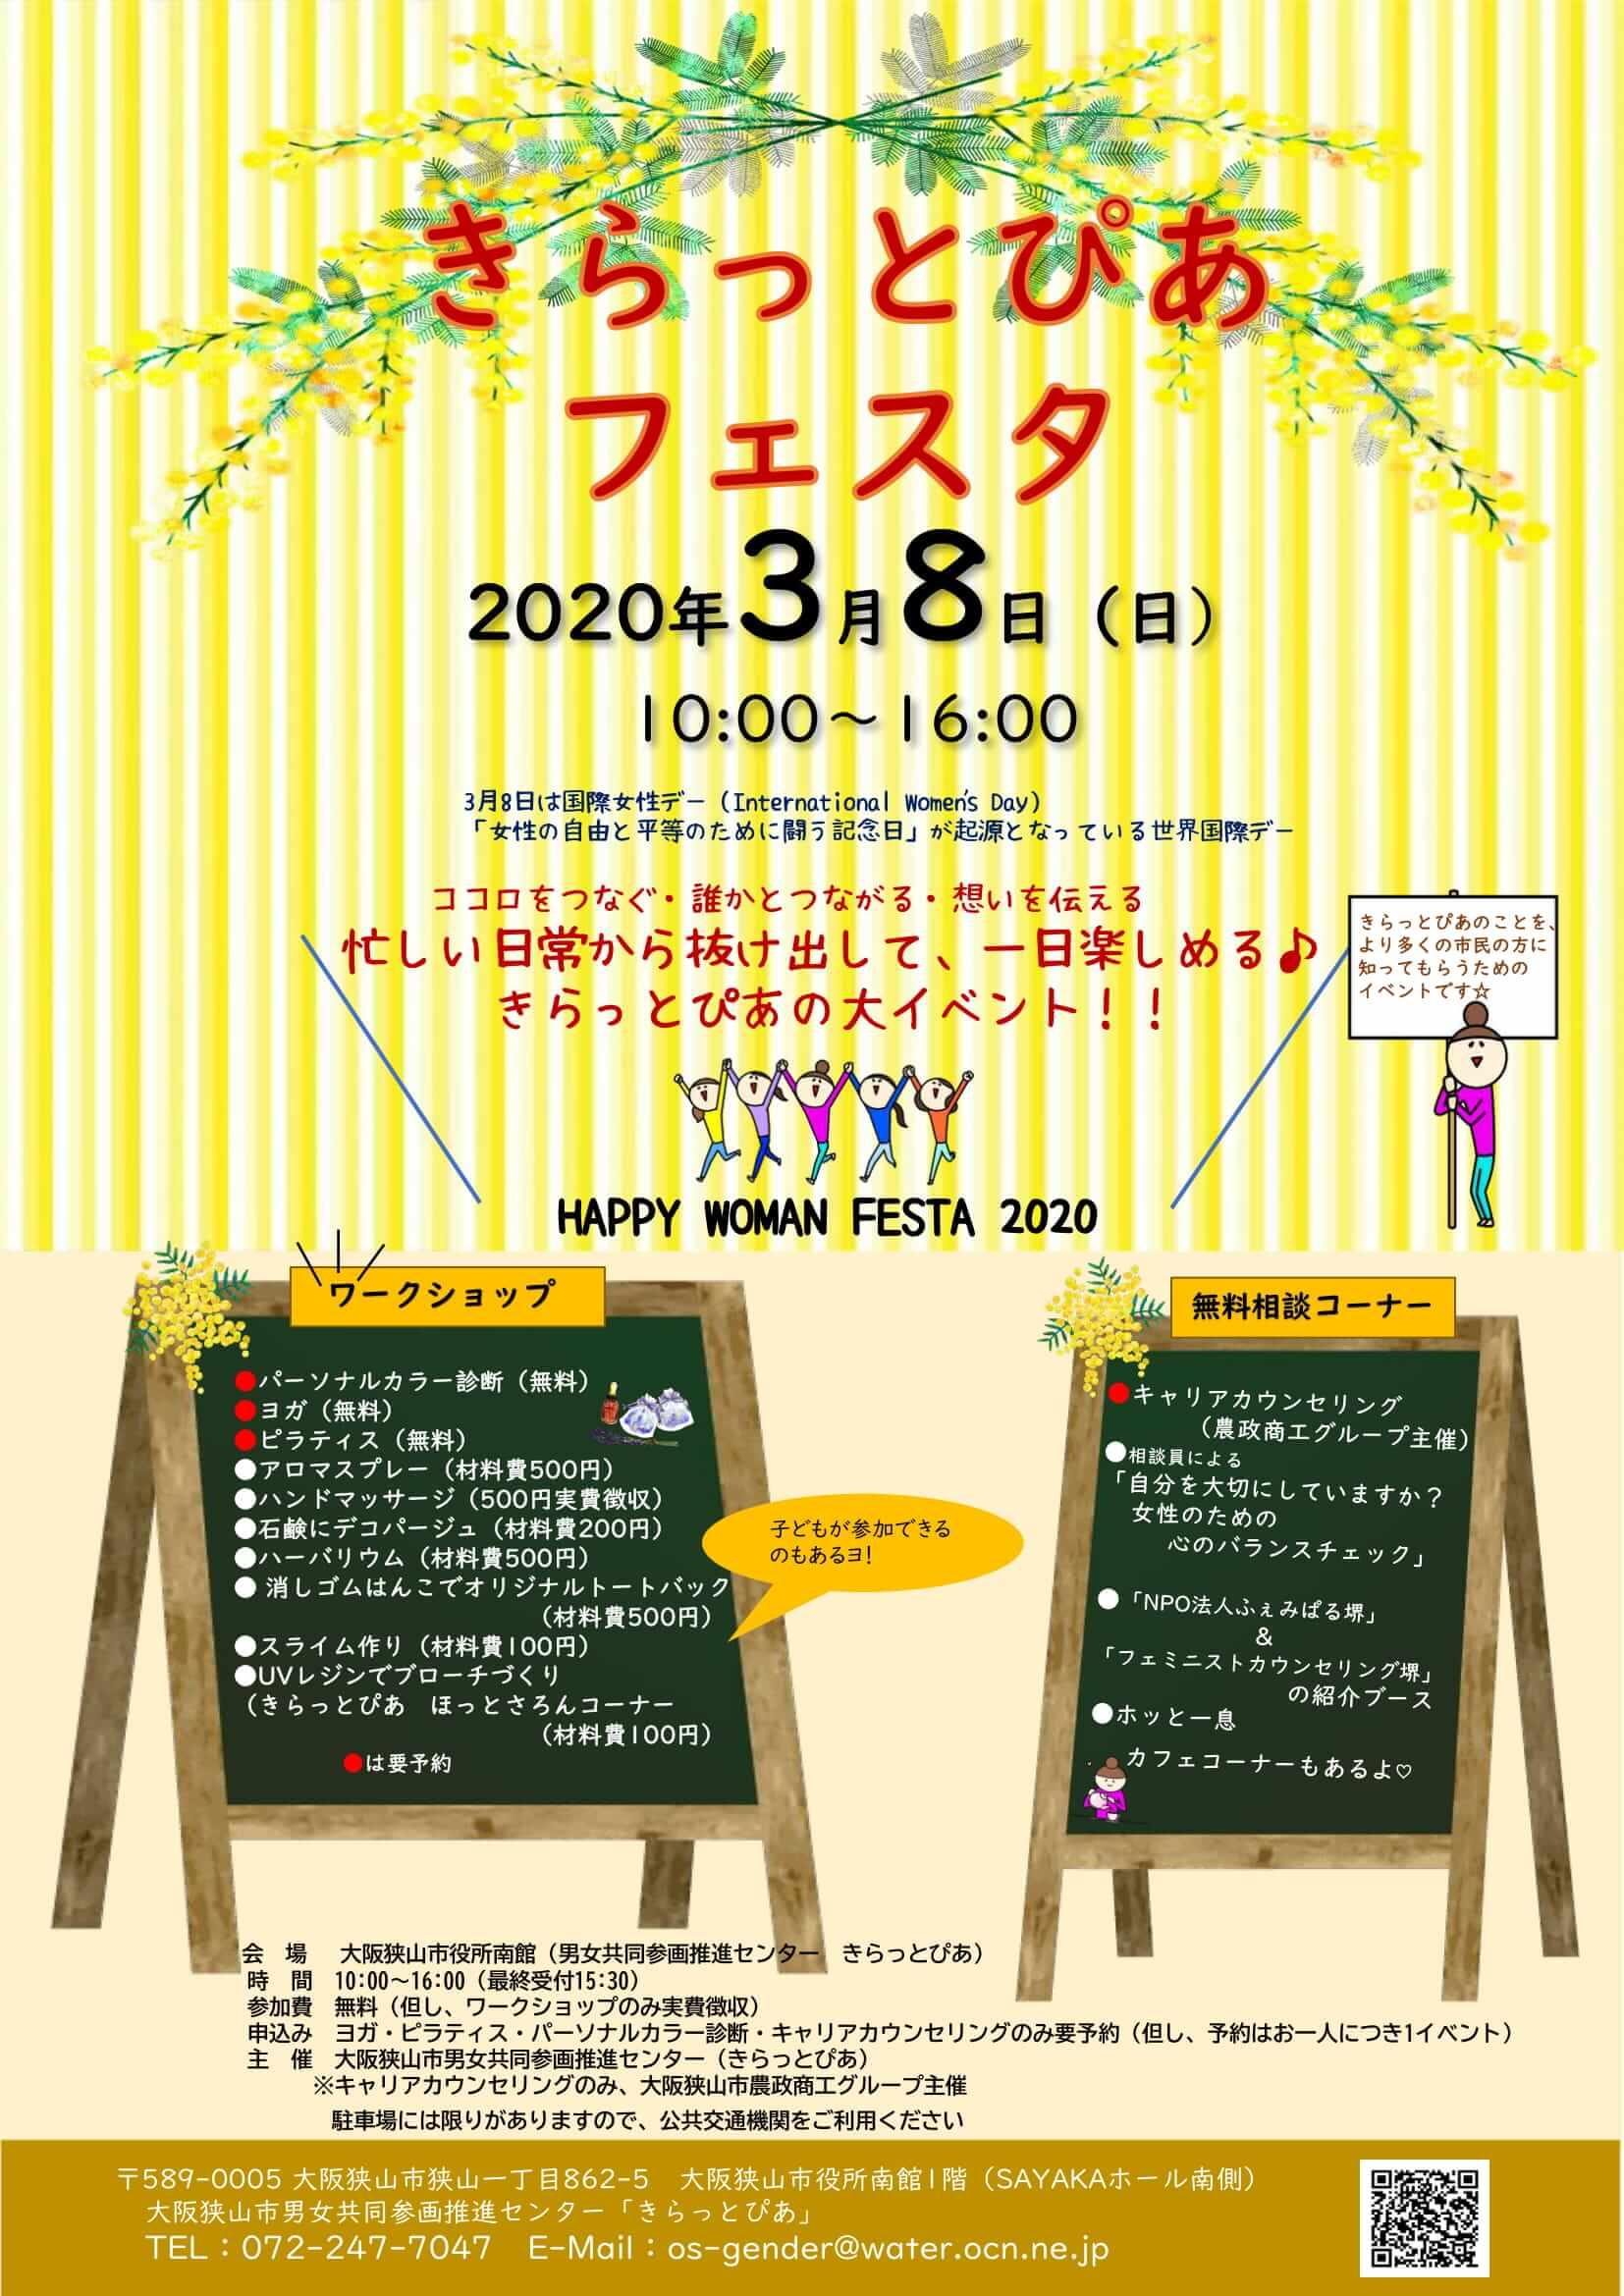 「きらっとぴあフェスタ」を2020年3月8日に開催します (1)